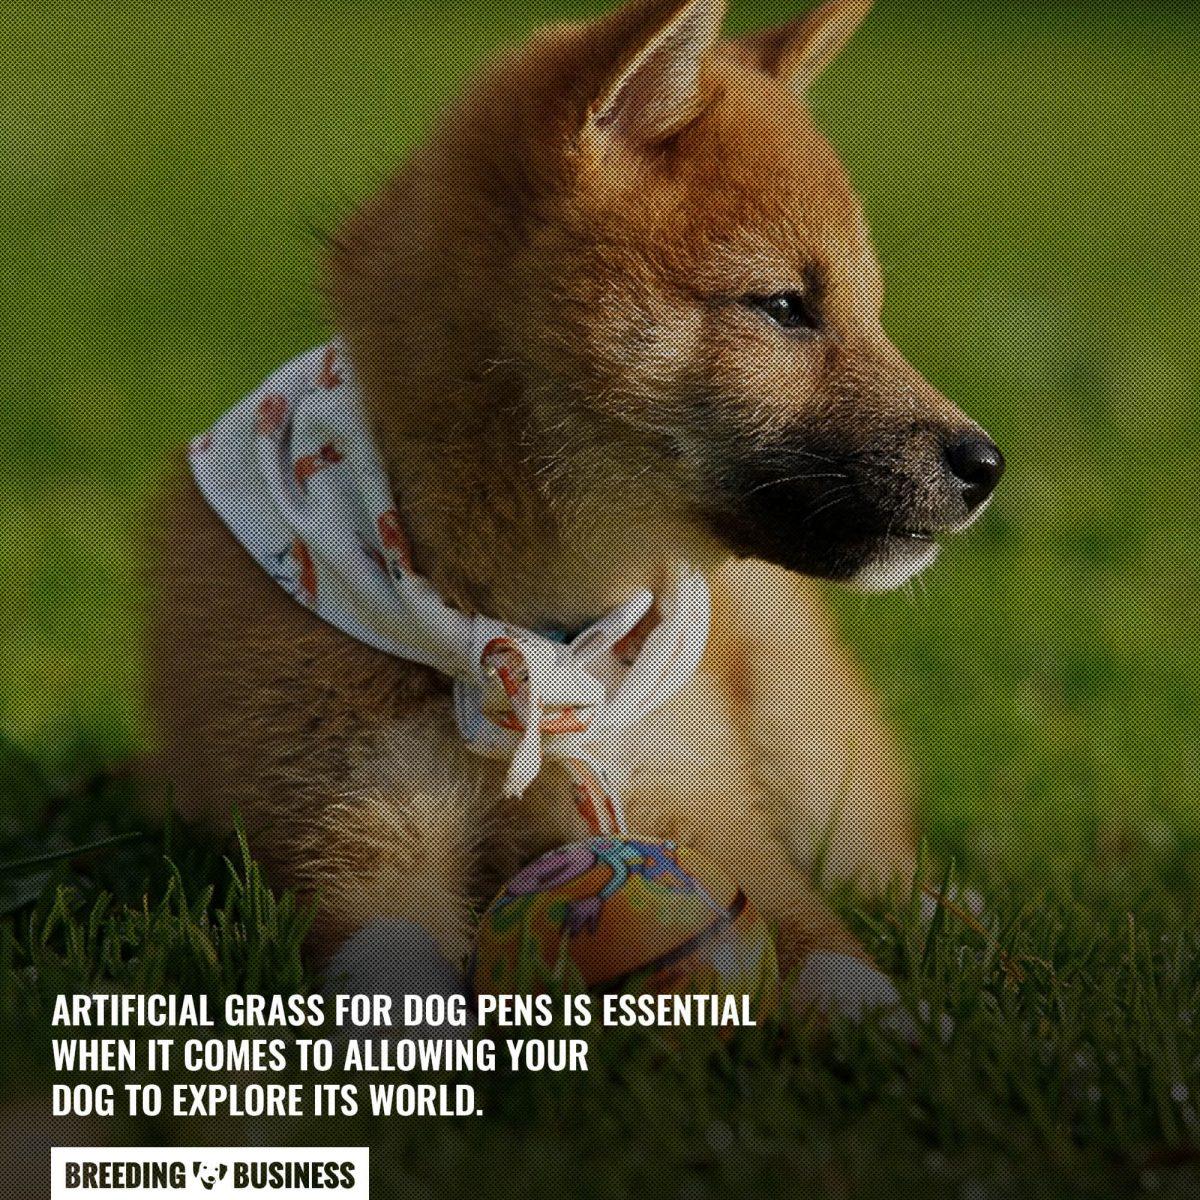 artificial grass for dog pens